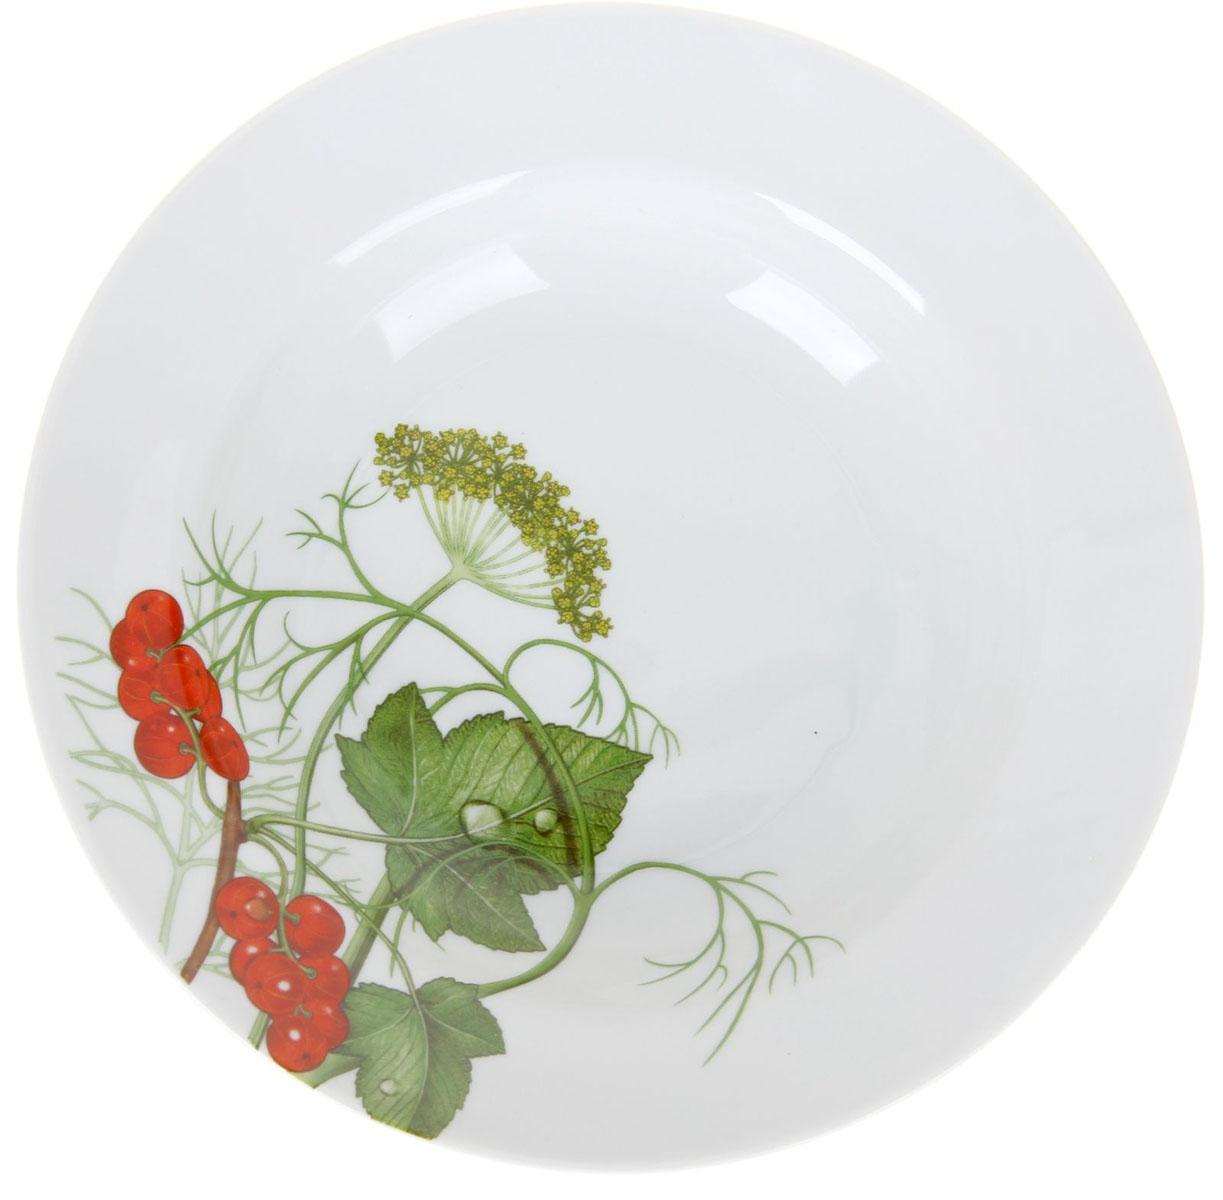 Тарелка глубокая Идиллия. Садочек, диаметр 20 см1224524Глубокая тарелка Идиллия. Садочек выполнена из высококачественного фарфора и украшена ярким рисунком. Она прекрасно впишется в интерьер вашей кухни и станет достойным дополнением к кухонному инвентарю. Тарелка Идиллия. Садочек подчеркнет прекрасный вкус хозяйки и станет отличным подарком. Диаметр тарелки: 20 см.